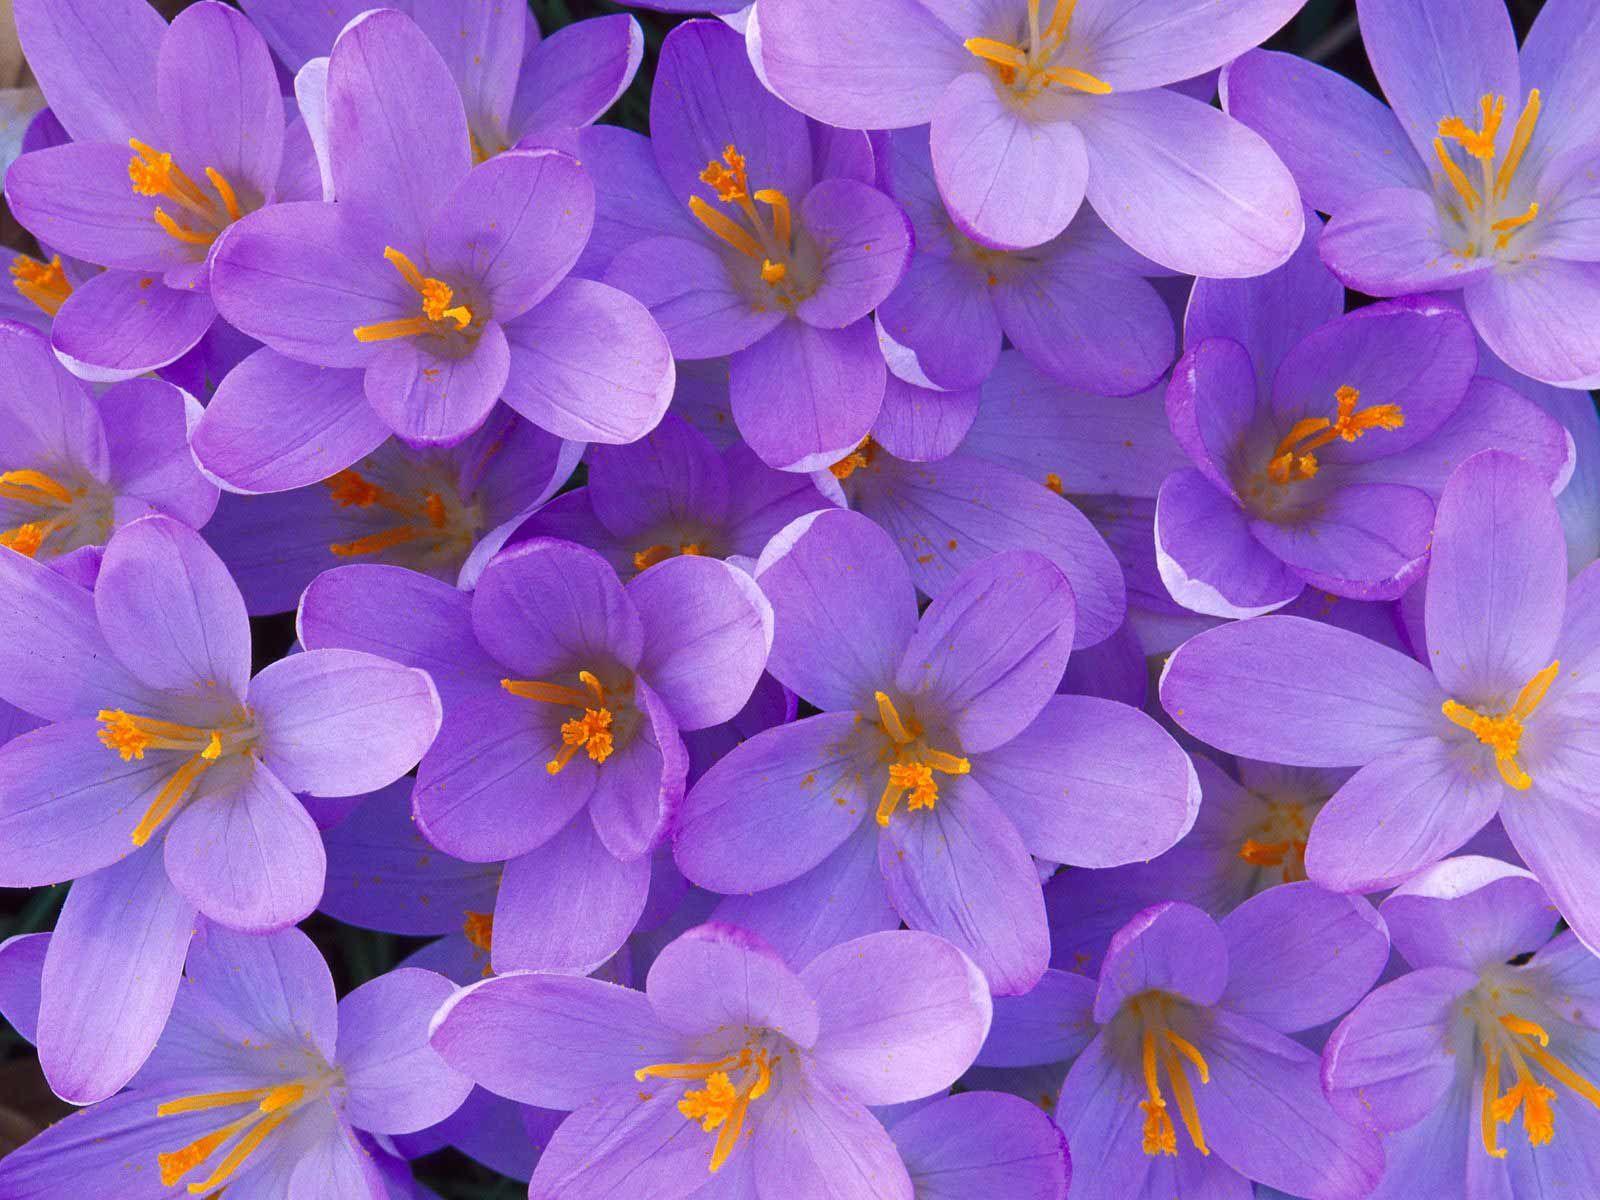 Fondos De Pantalla De Flores Hermosas Para Fondo Celular: Flores Fondo De Pantalla Para Fondo Celular En Hd 20 HD